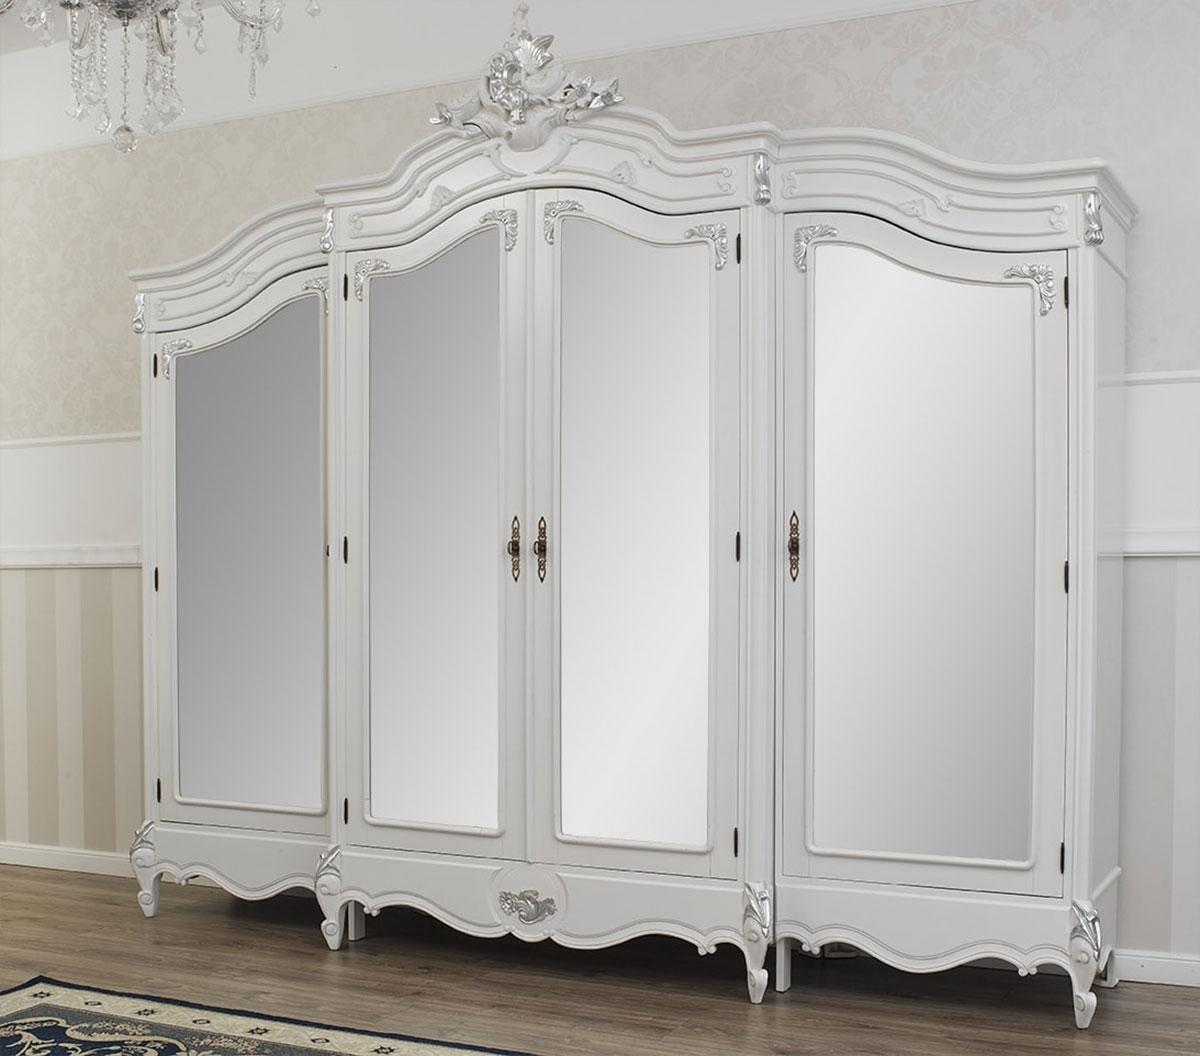 Armadi Laccati Bianchi dettagli su armadio julian stile barocco moderno bianco laccato e foglia  argento 4 porte 4 s